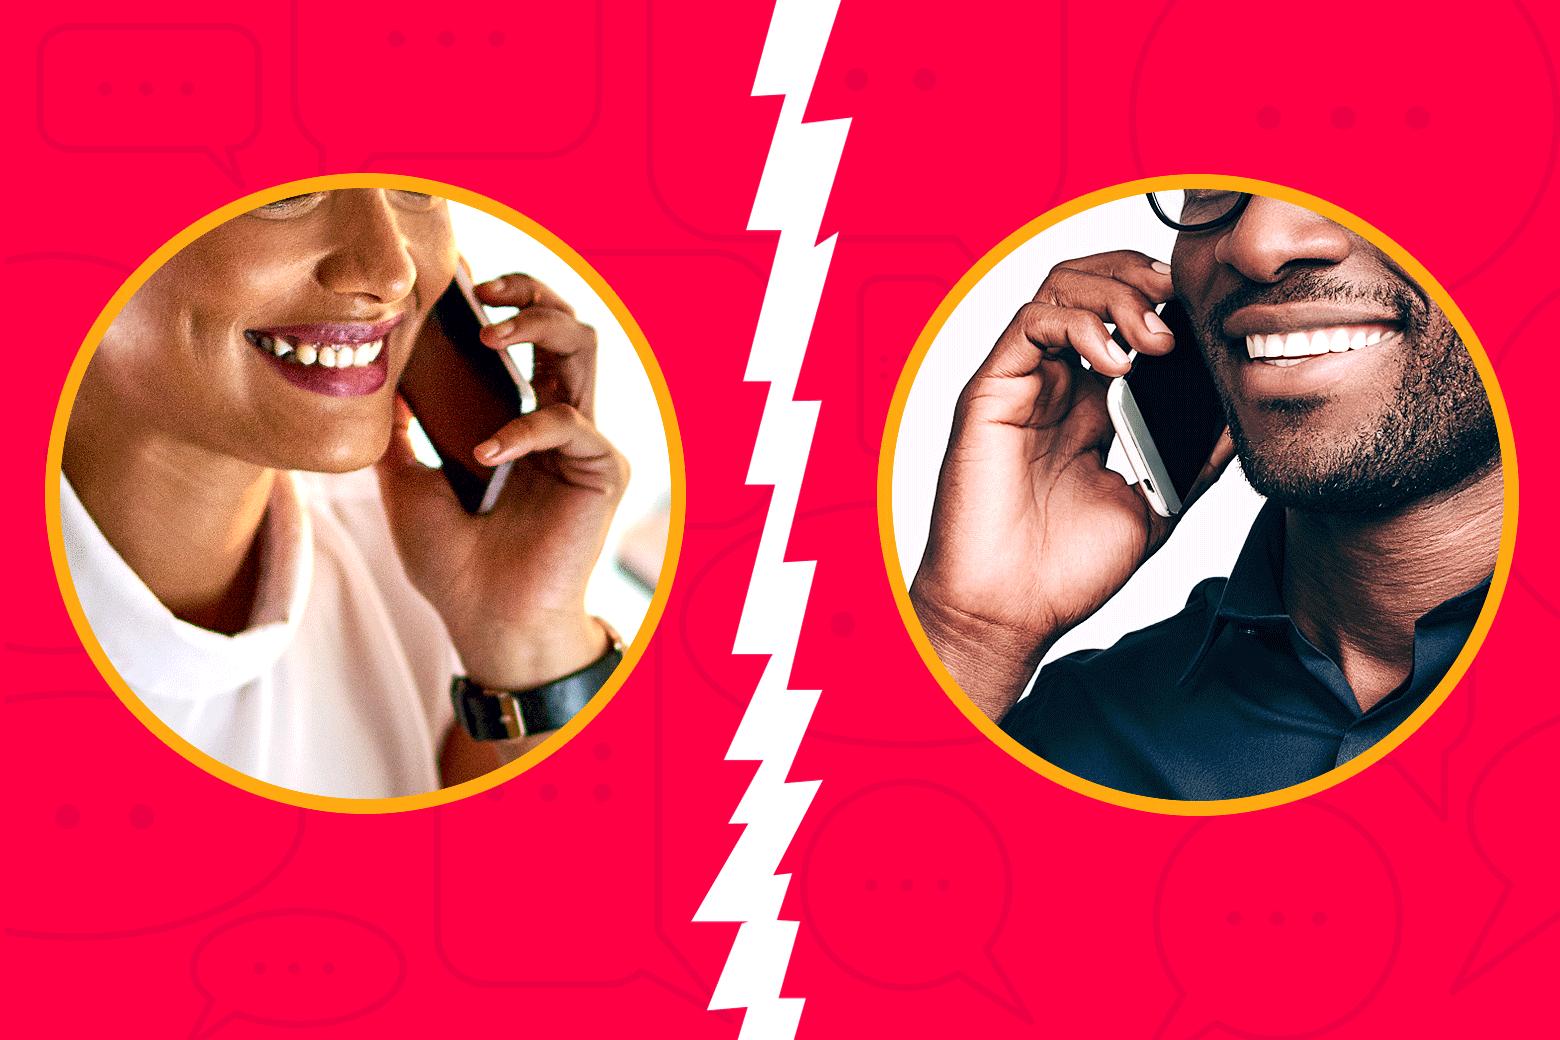 Online dating and phone calls during coronavirus.